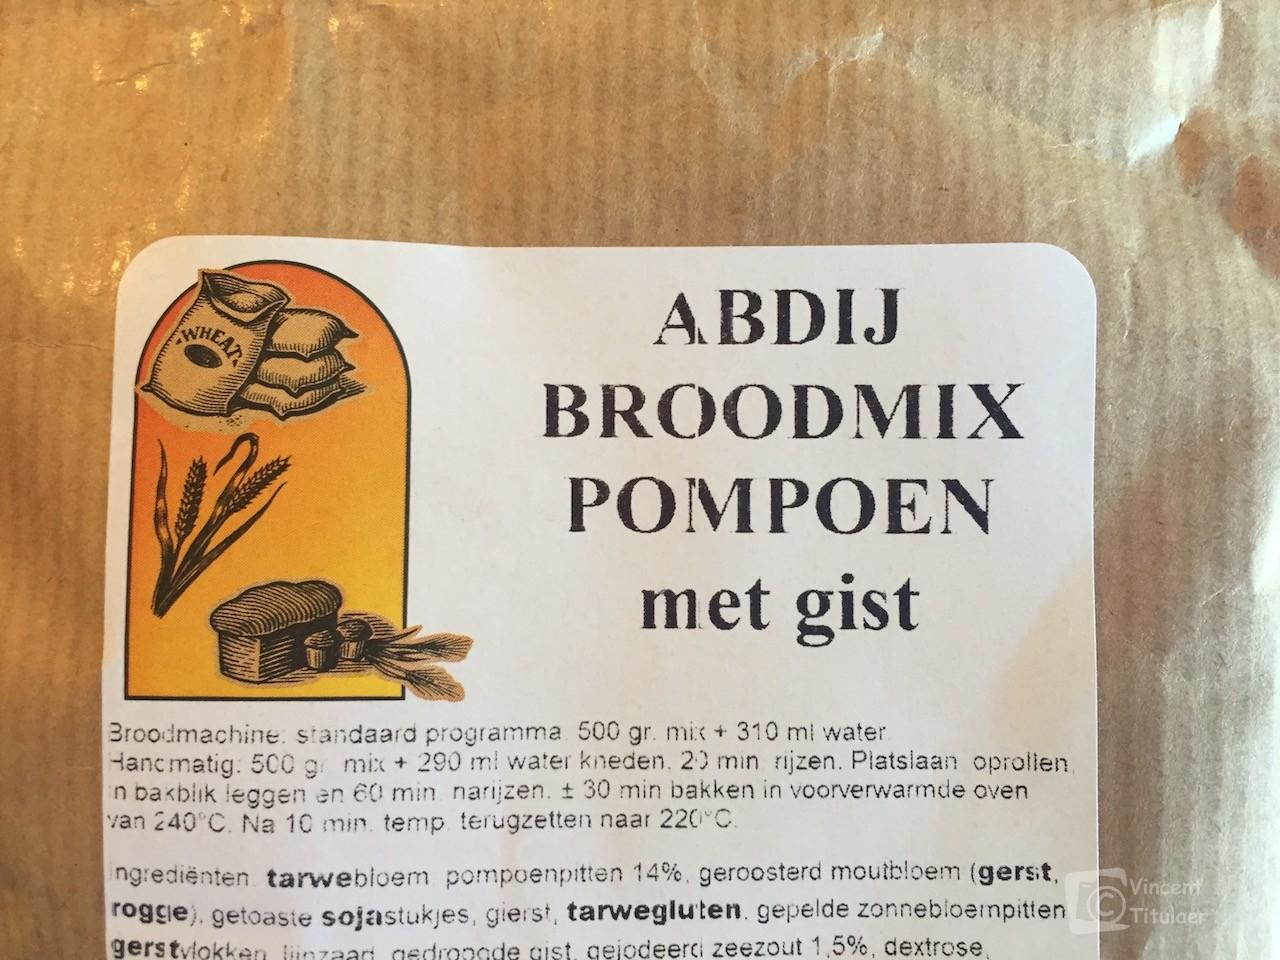 Abdij Broodmix Pompoen